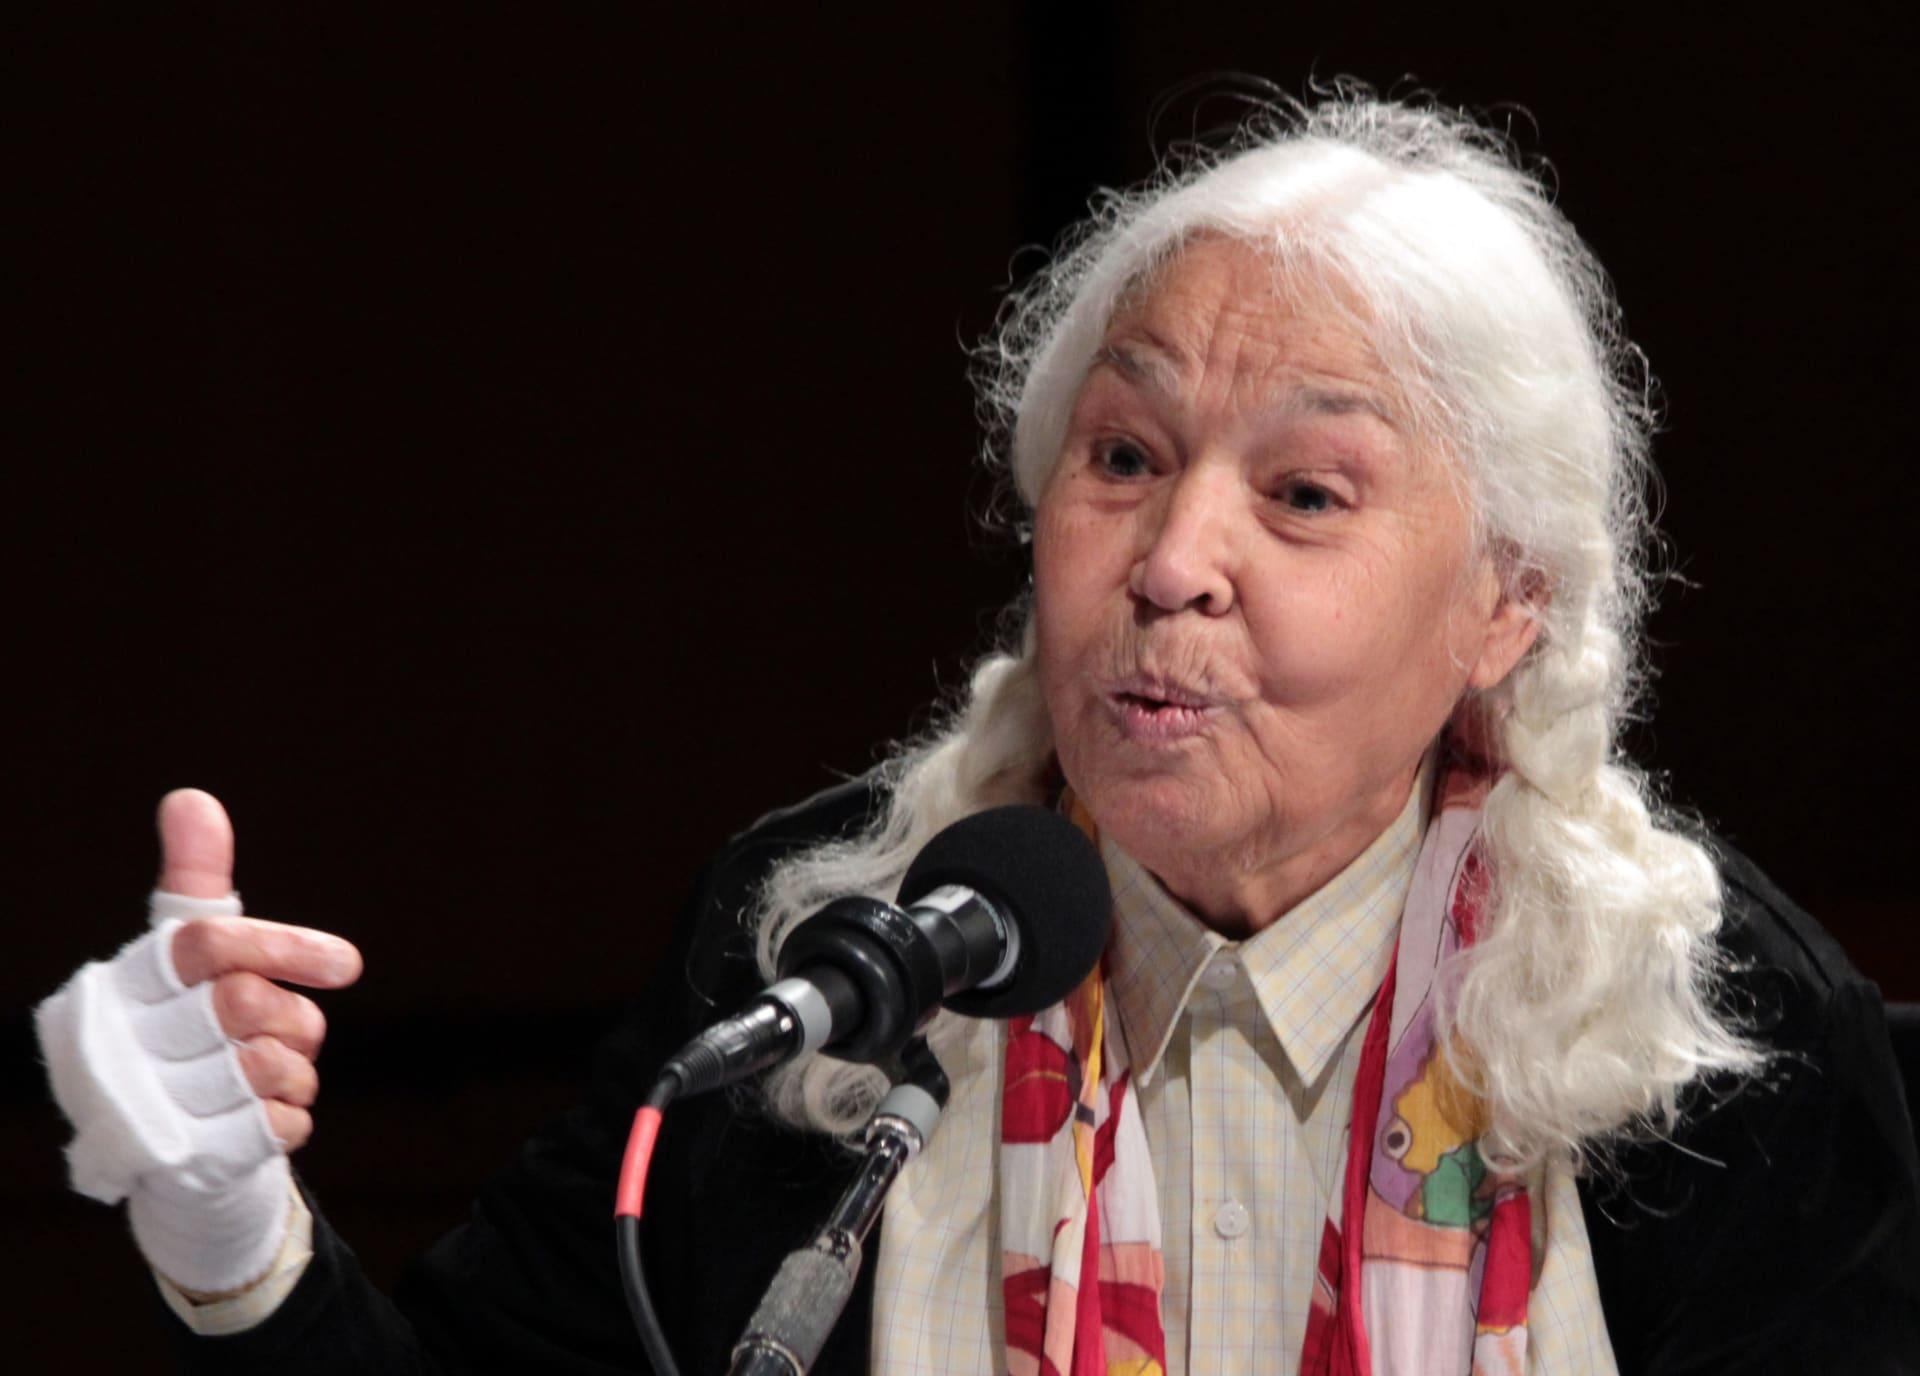 وفاة الكاتبة والروائية المصرية نوال السعداوي عن عمر يقارب الـ٩٠ عامًا